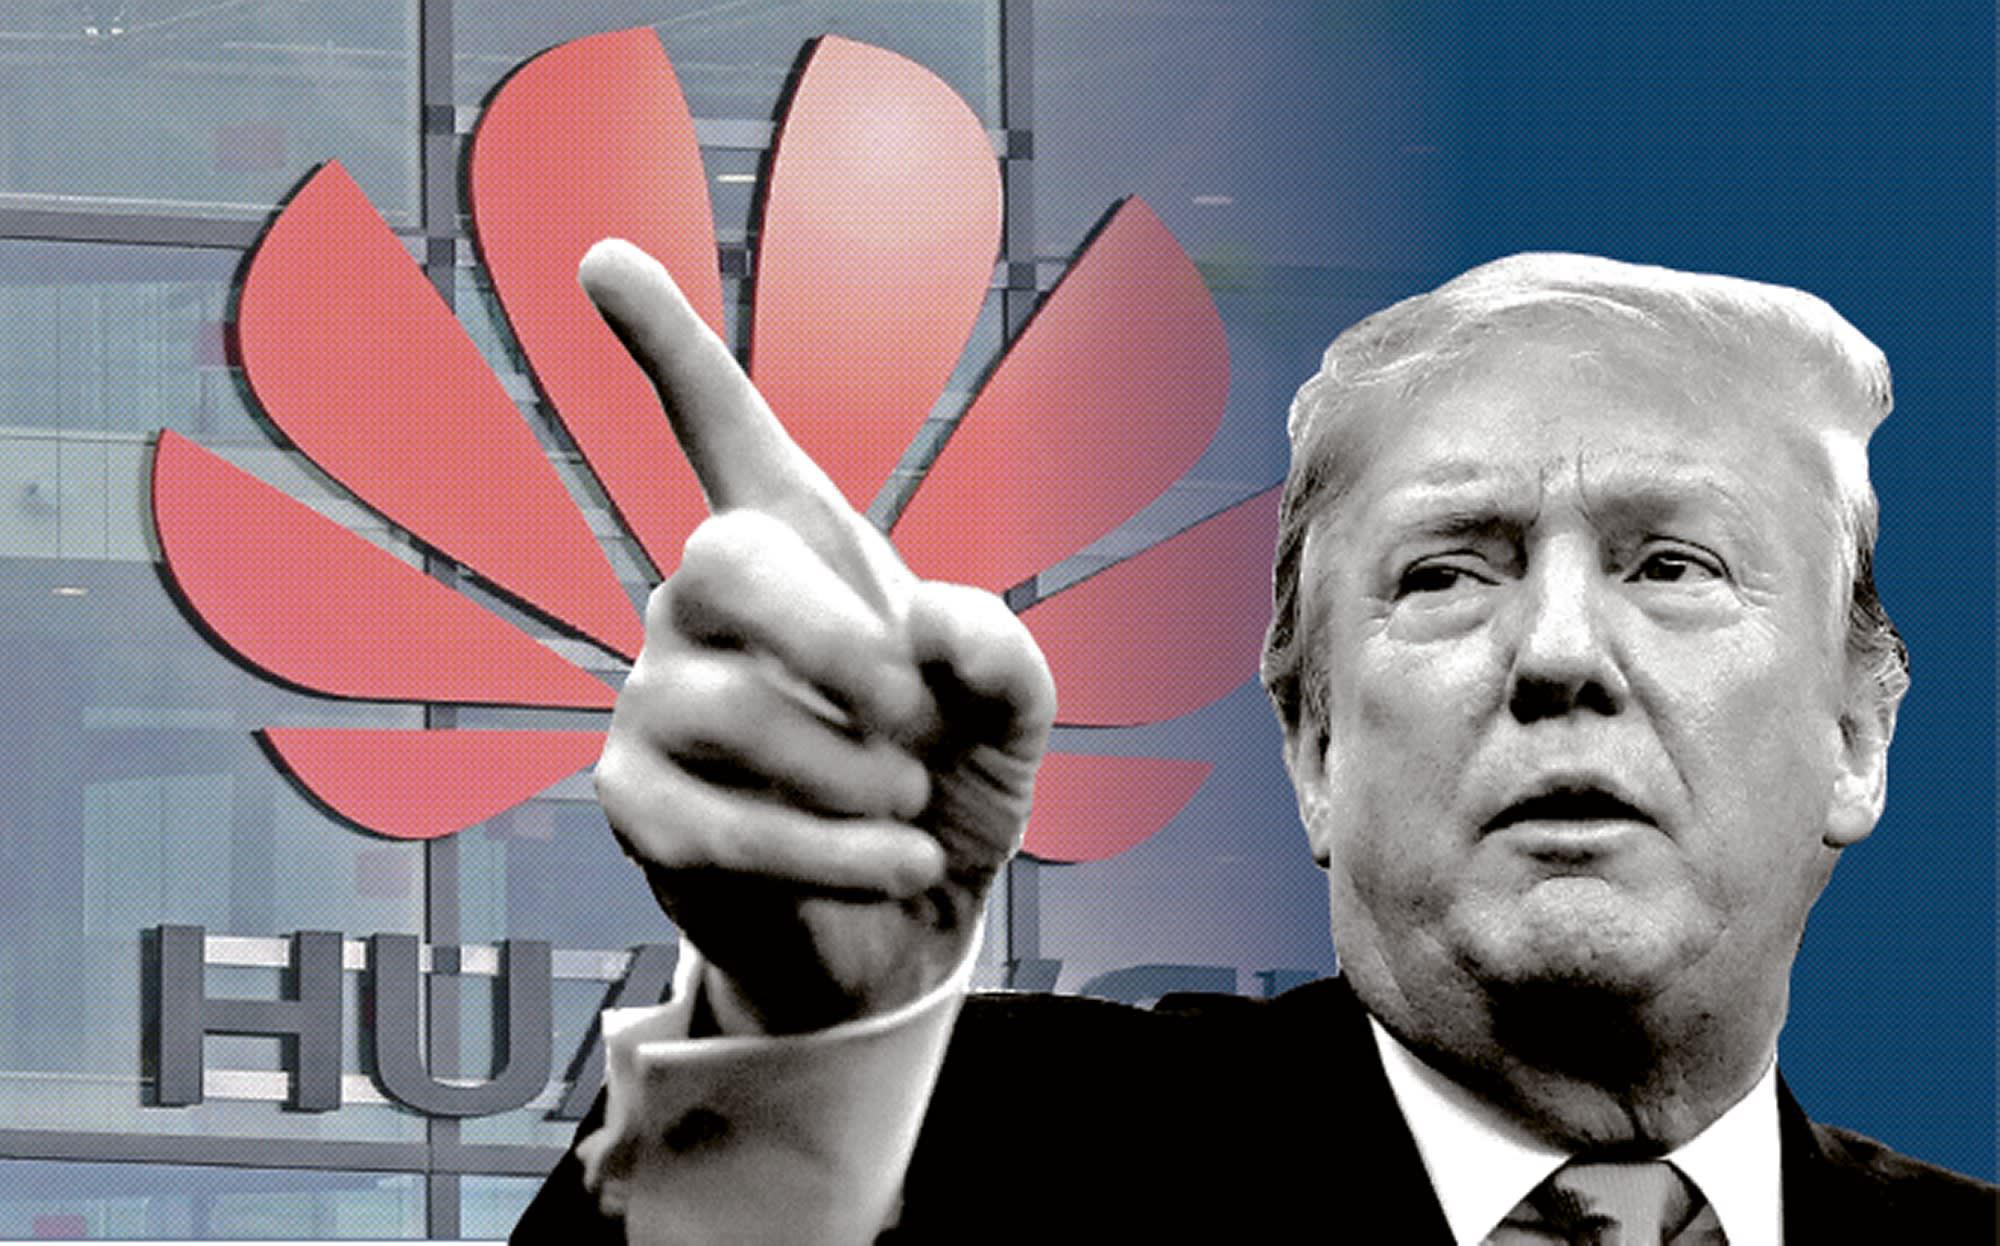 """Anh cấm Huawei: Chính quyền Trump ăn mừng nhưng Trung Quốc phản ứng cực """"gắt"""" - Ảnh 1."""